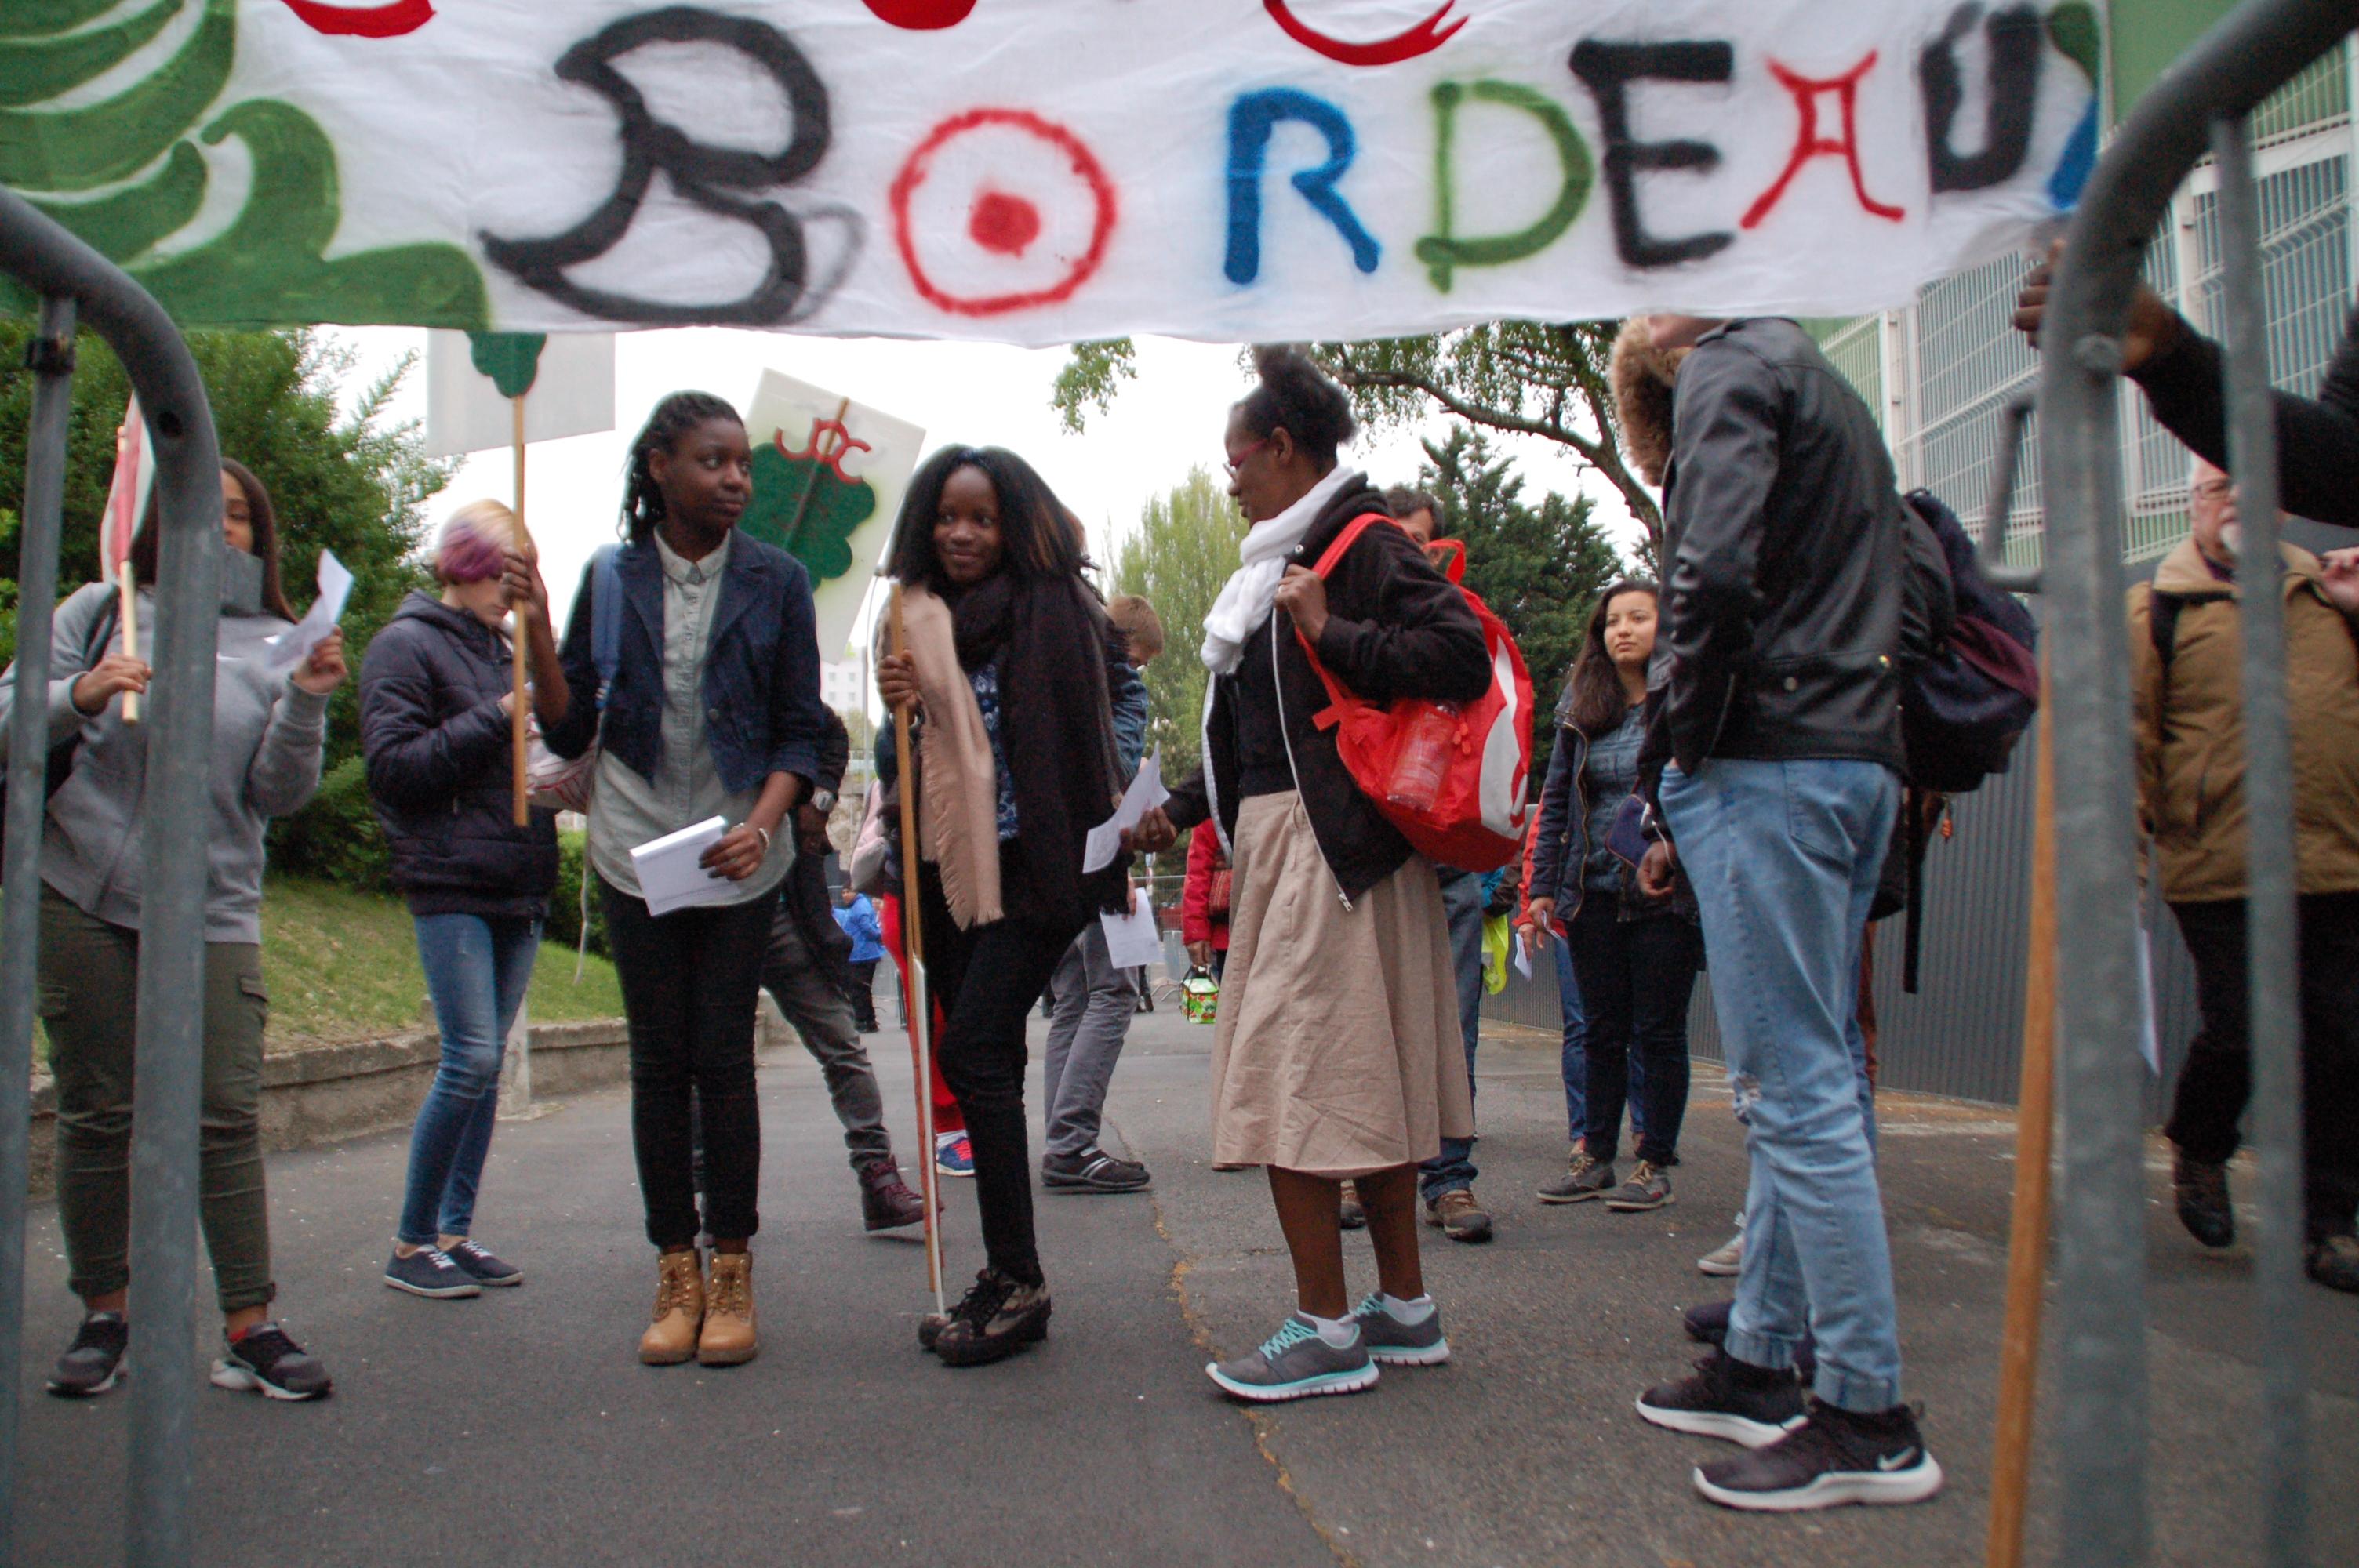 Favoriser l'égalité femme / homme au travail - Jeunesse Ouvrière Chrétienne